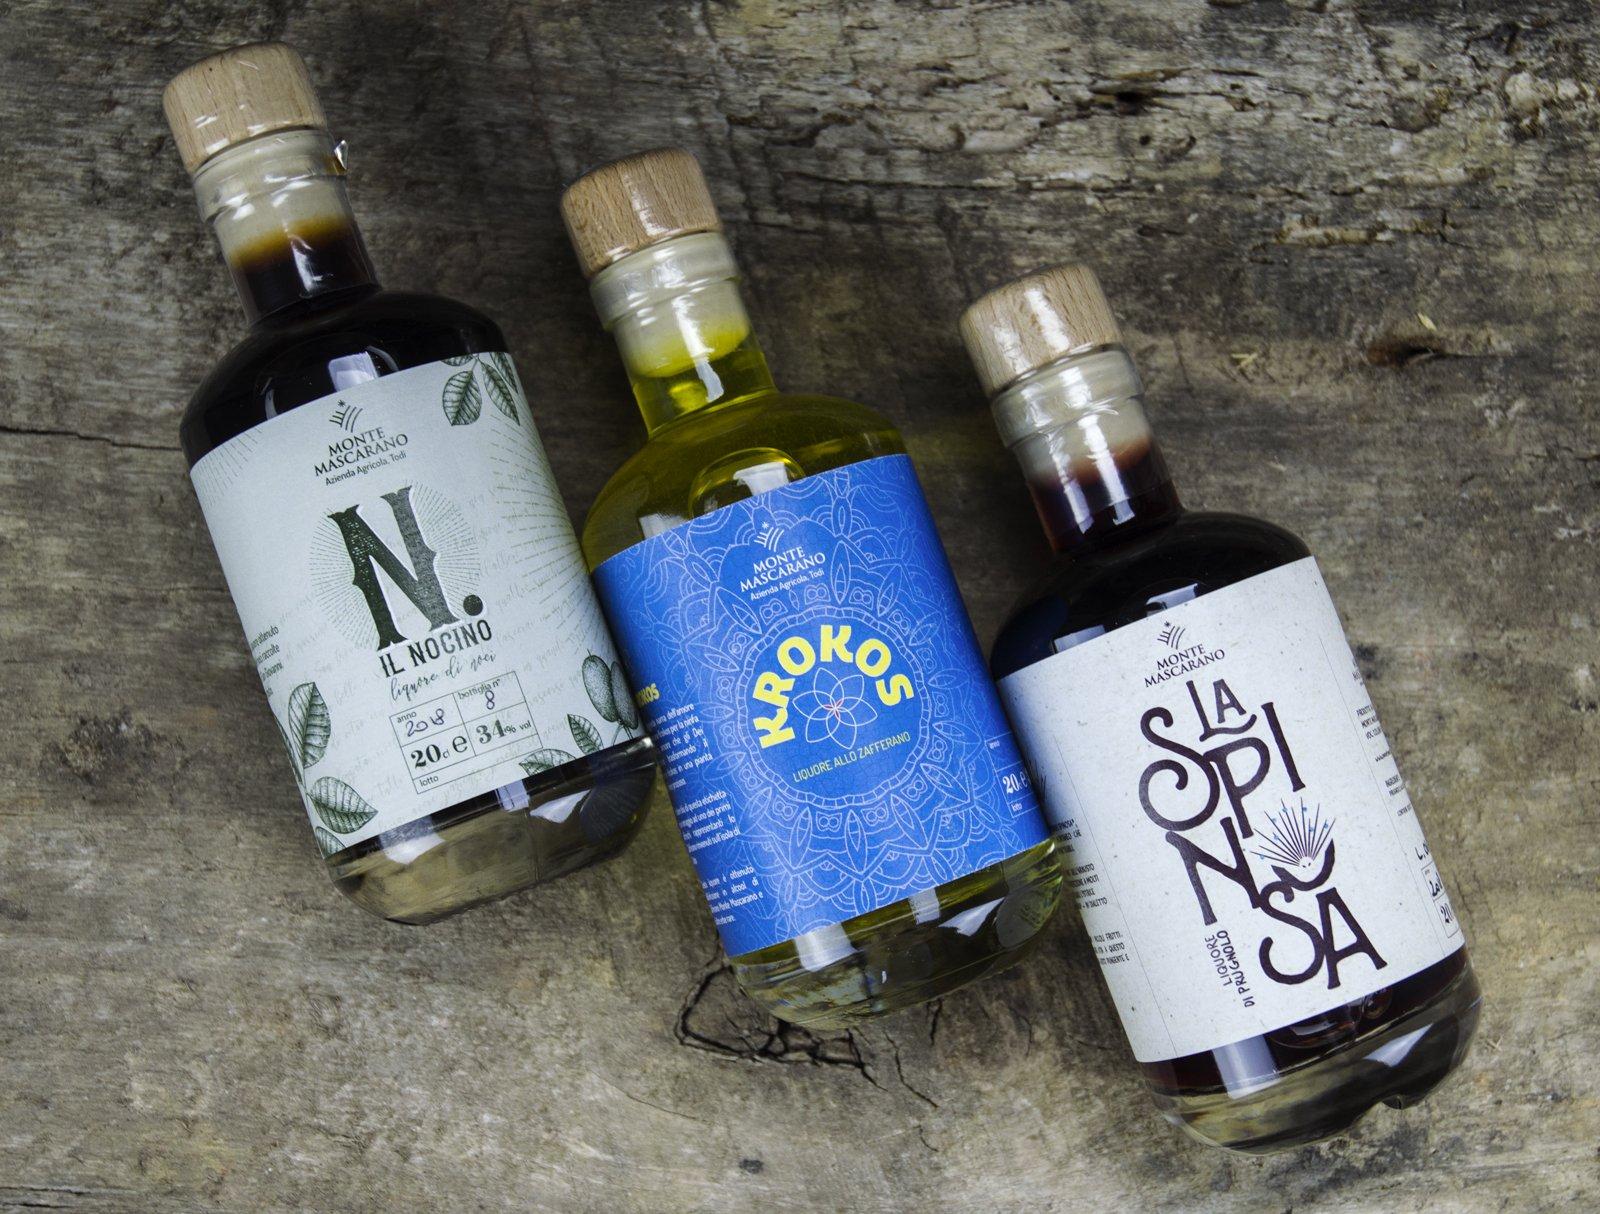 I liquori, La Spinosa, Krokos, Nocino